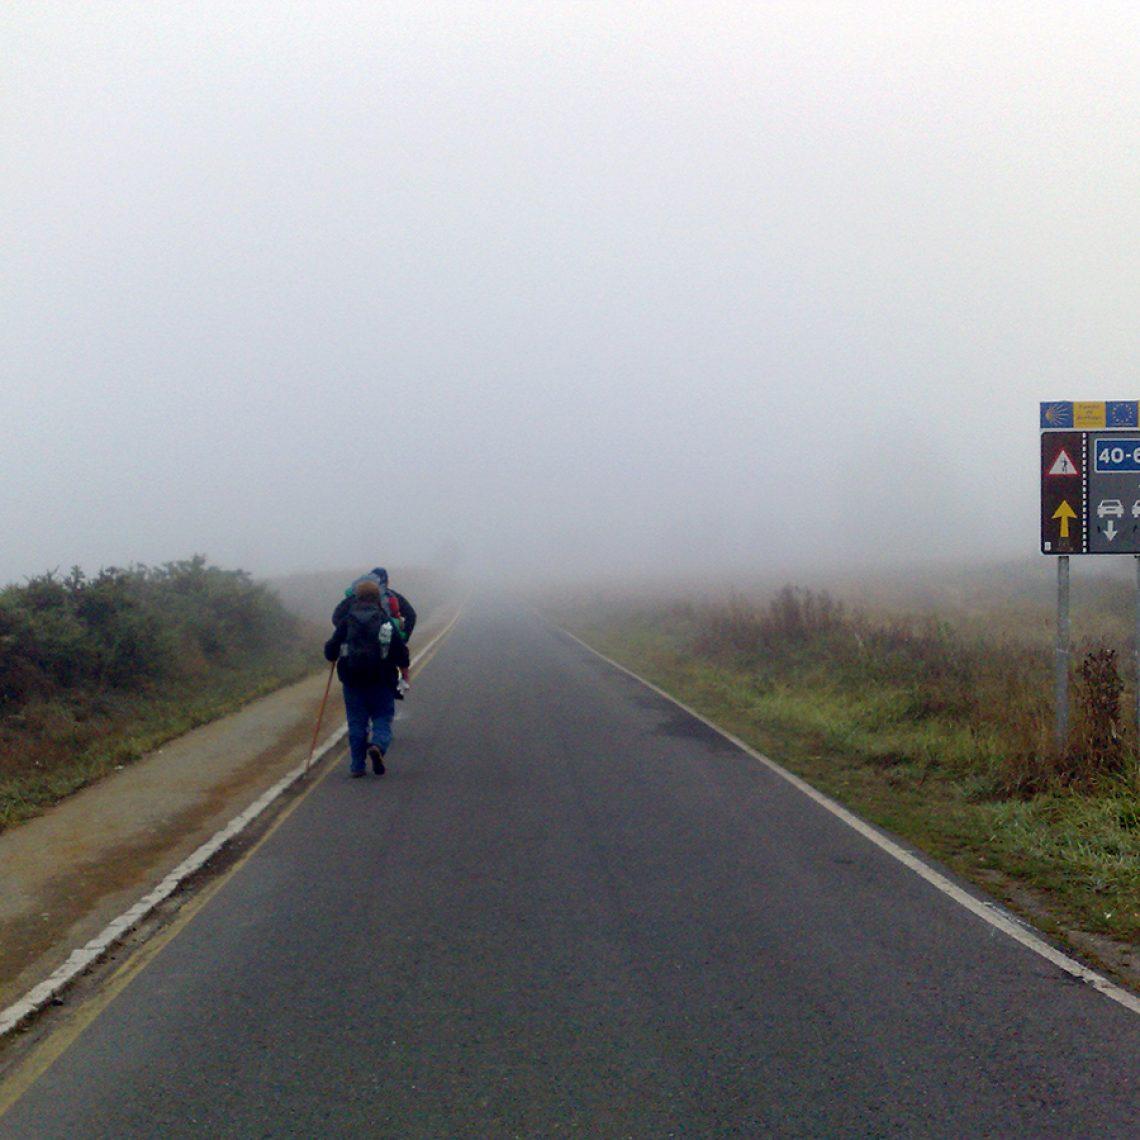 Nebel. Immer wieder Nebel. Siehste doch nichts bei.